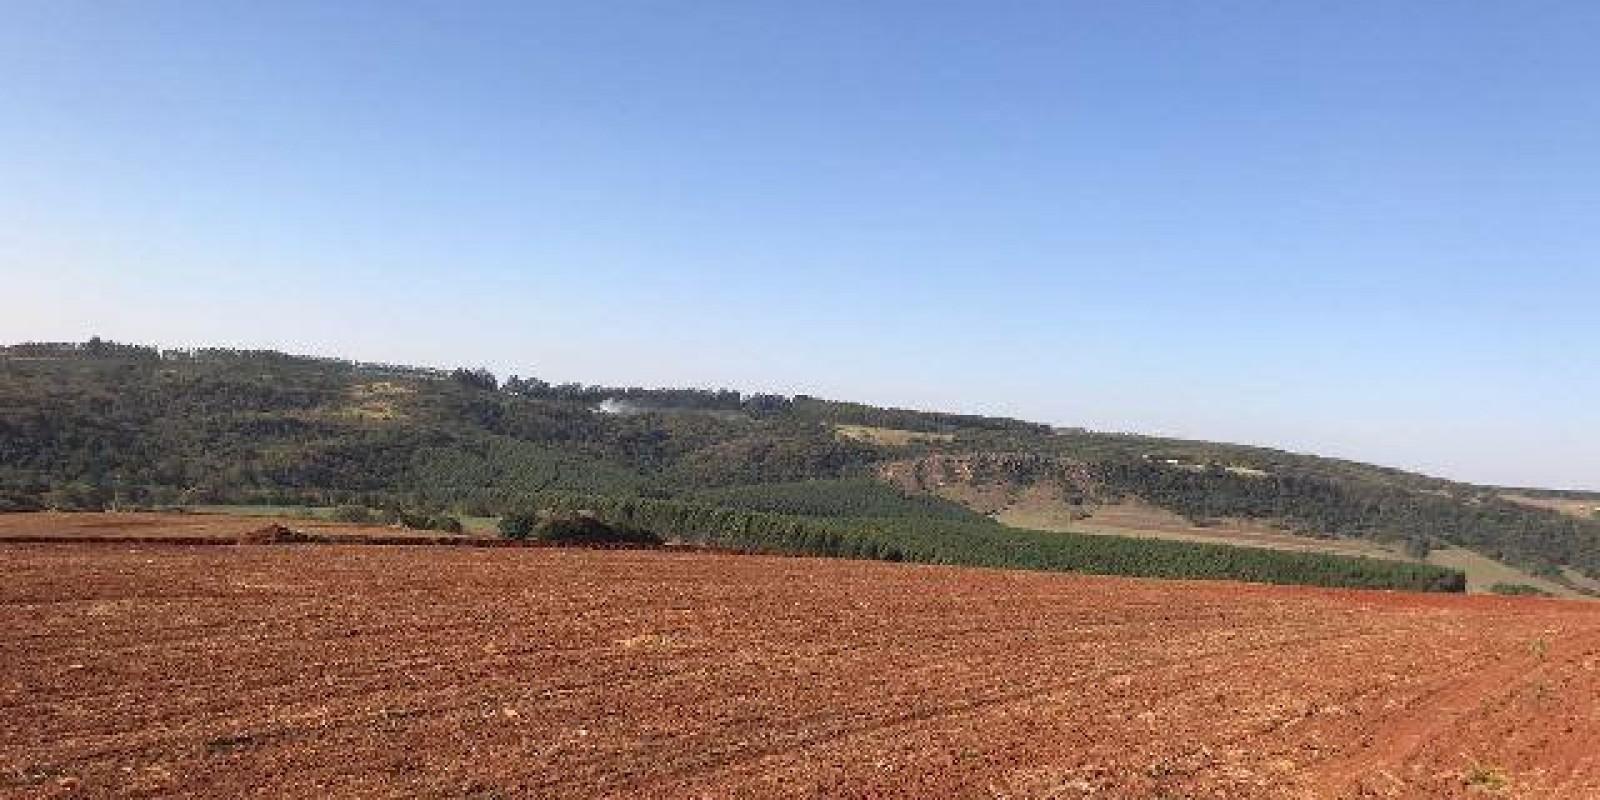 Fazenda de 40 Alqueires, Município de Sarutaiá Sp - Foto 18 de 20